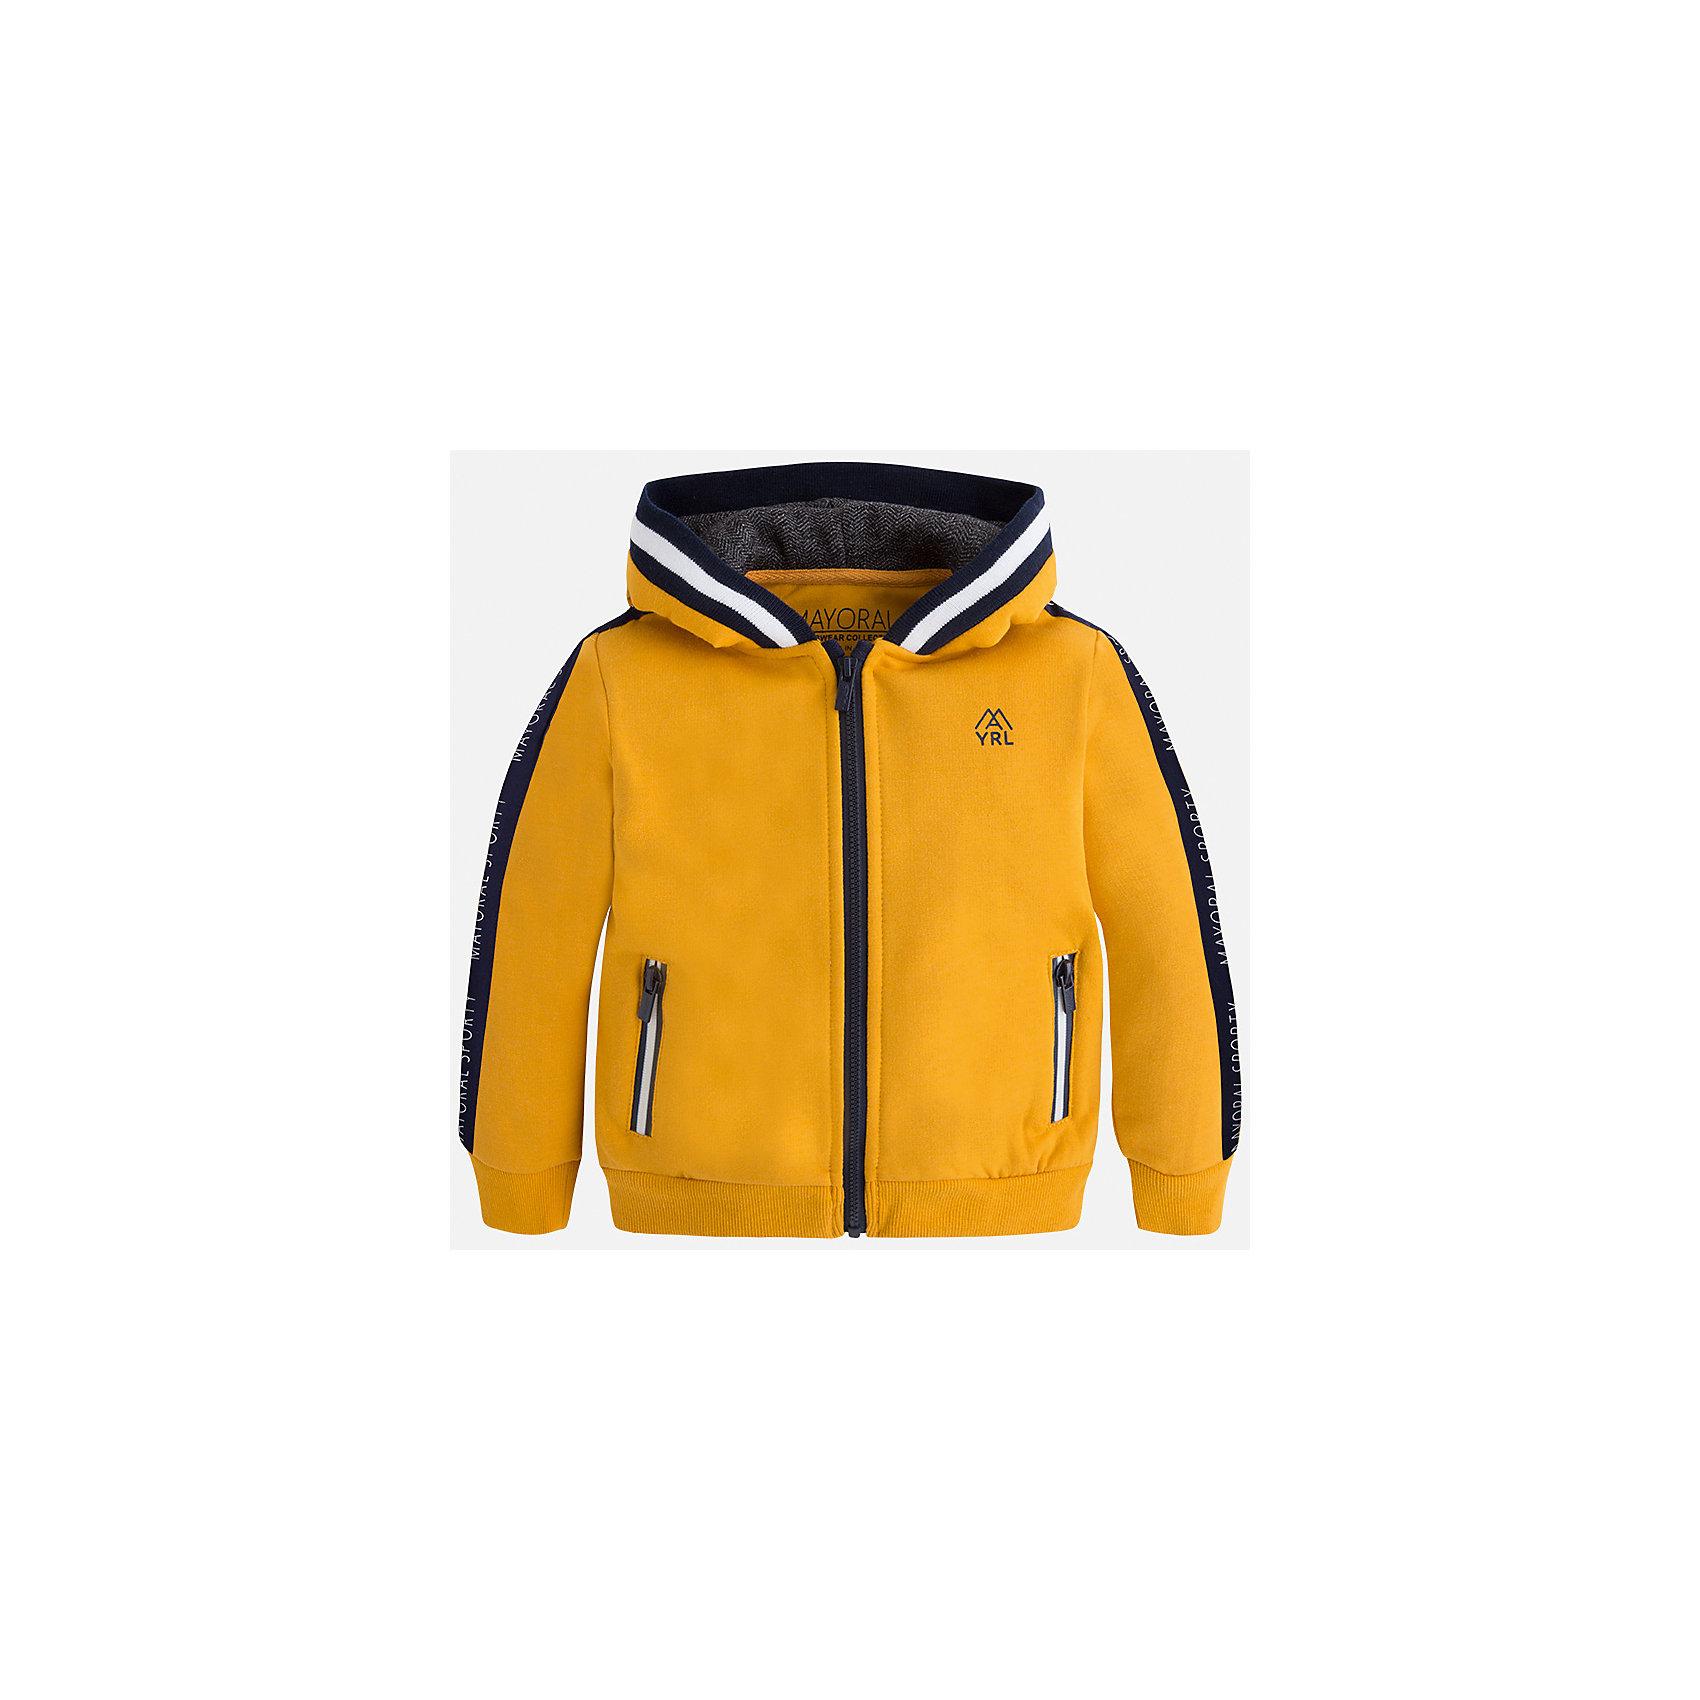 Куртка для мальчика MayoralТолстовки<br>Характеристики товара:<br><br>• цвет: оранжевый<br>• состав ткани: 55% хлопок, 45% полиэстер<br>• сезон: демисезон<br>• особенности толстовки: с манжетами, на молнии<br>• капюшон: без меха, несъемный<br>• застежка: молния<br>• страна бренда: Испания<br>• страна изготовитель: Индия<br><br>Яркая детская толстовка подойдет для прохладной погоды. Отличный способ обеспечить ребенку тепло и комфорт - надеть теплую толстовку от Mayoral. Детская толстовка сшита из приятного на ощупь материала. Толстовка для мальчика Mayoral дополнена удобным капюшоном. <br><br>Толстовку для мальчика Mayoral (Майорал) можно купить в нашем интернет-магазине.<br><br>Ширина мм: 356<br>Глубина мм: 10<br>Высота мм: 245<br>Вес г: 519<br>Цвет: оранжевый<br>Возраст от месяцев: 96<br>Возраст до месяцев: 108<br>Пол: Мужской<br>Возраст: Детский<br>Размер: 134,92,98,104,110,116,122,128<br>SKU: 6932766